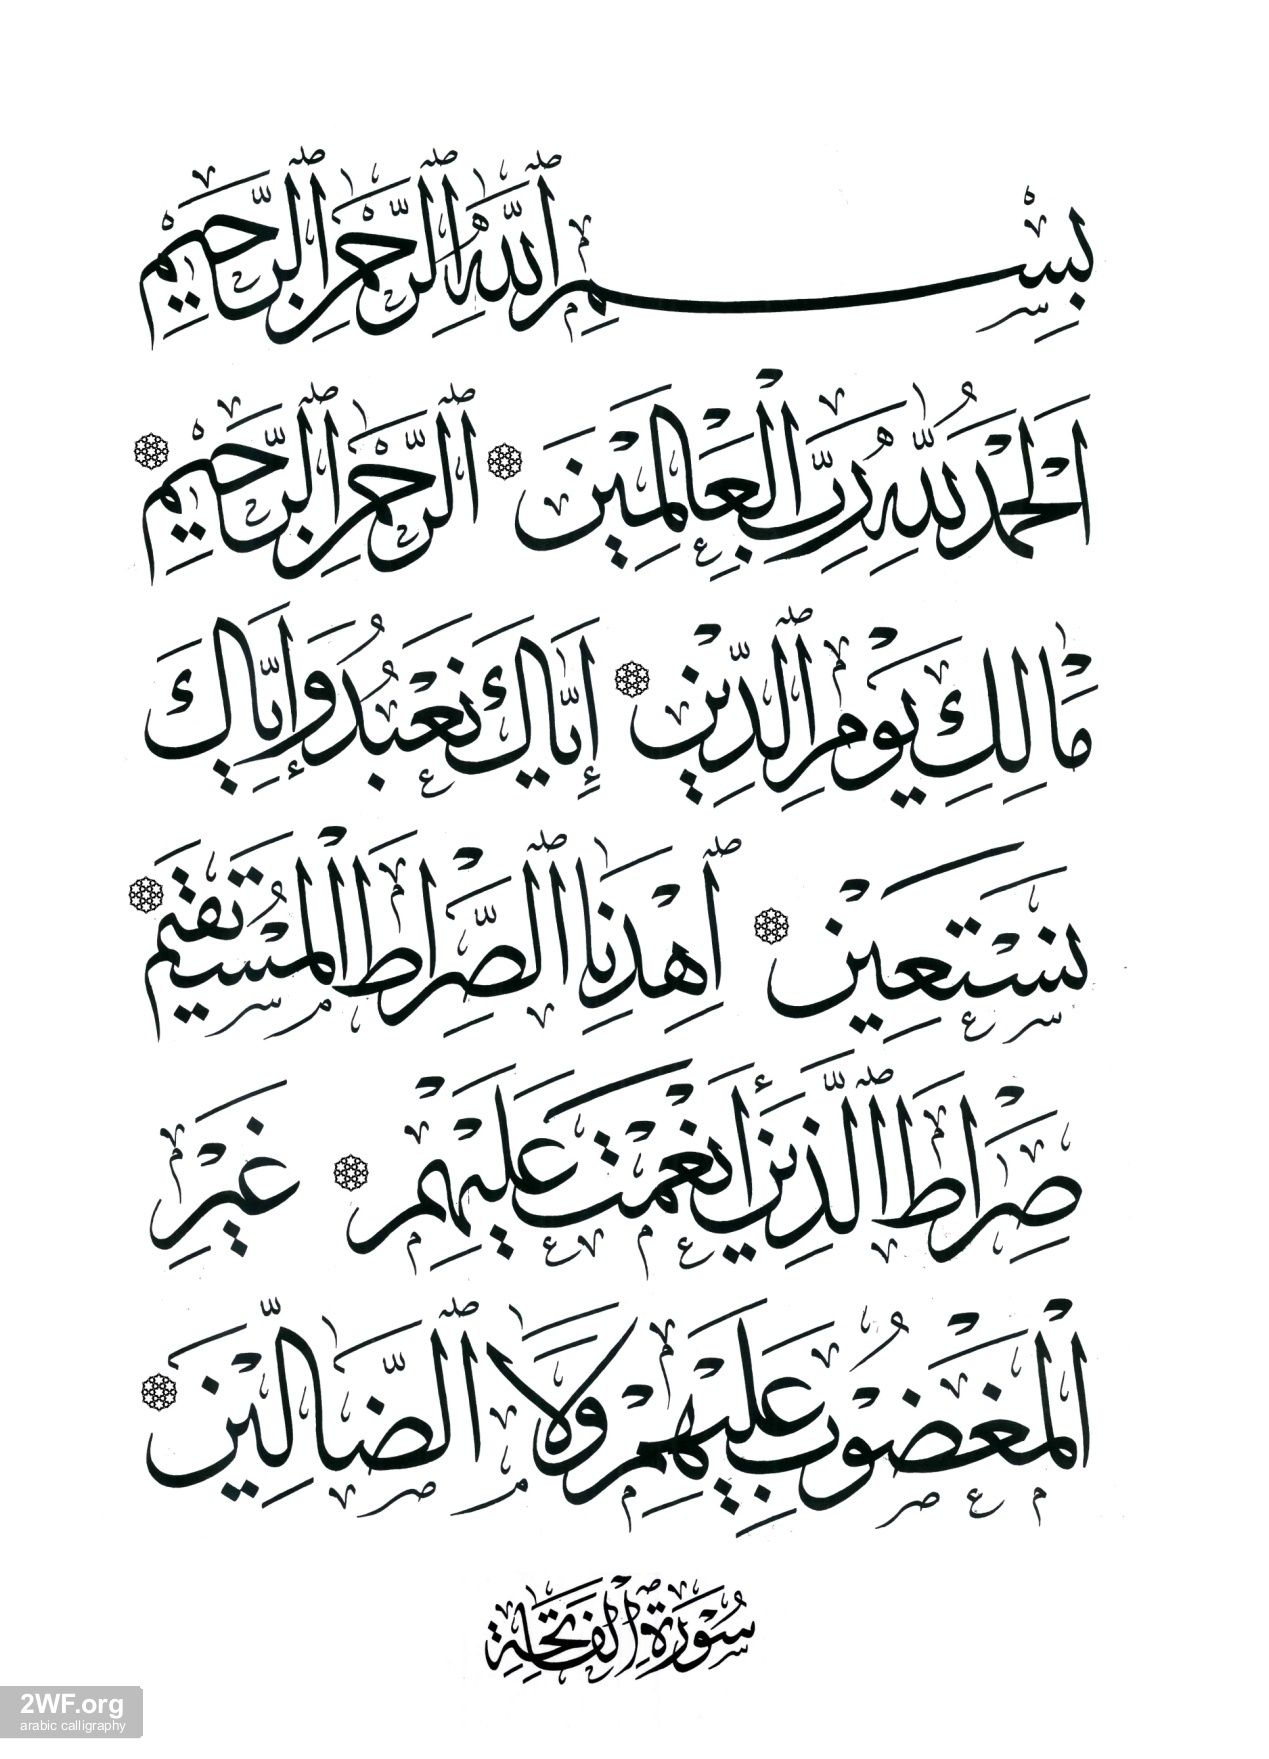 الفاتحة Kaligrafi, Kaligrafi islam, Abjad grafiti